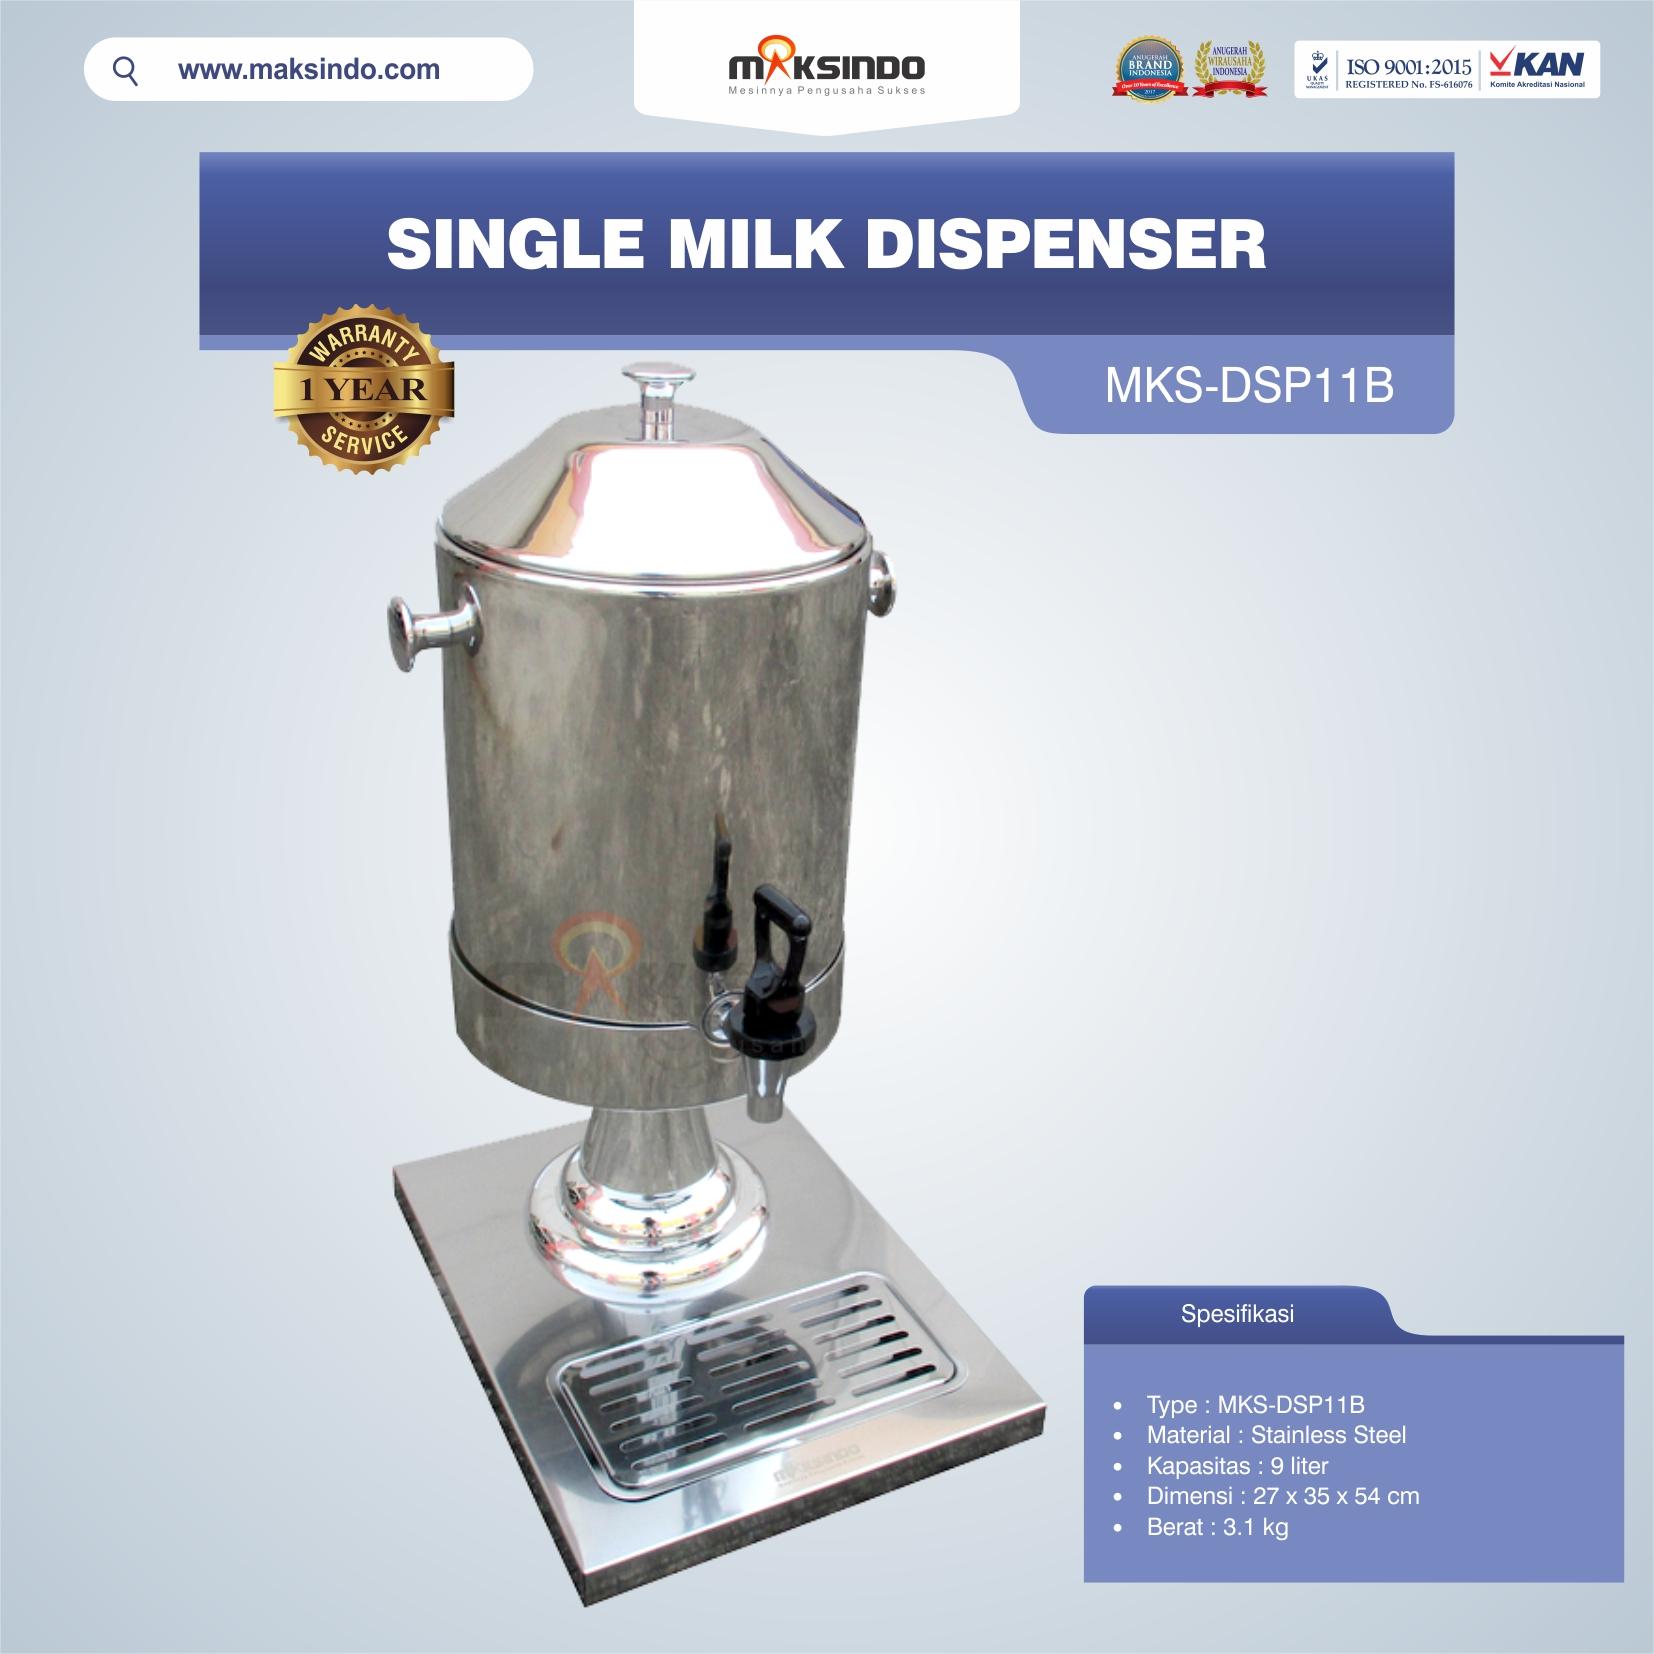 Jual Single Milk Dispenser MKS-DSP11B di Blitar